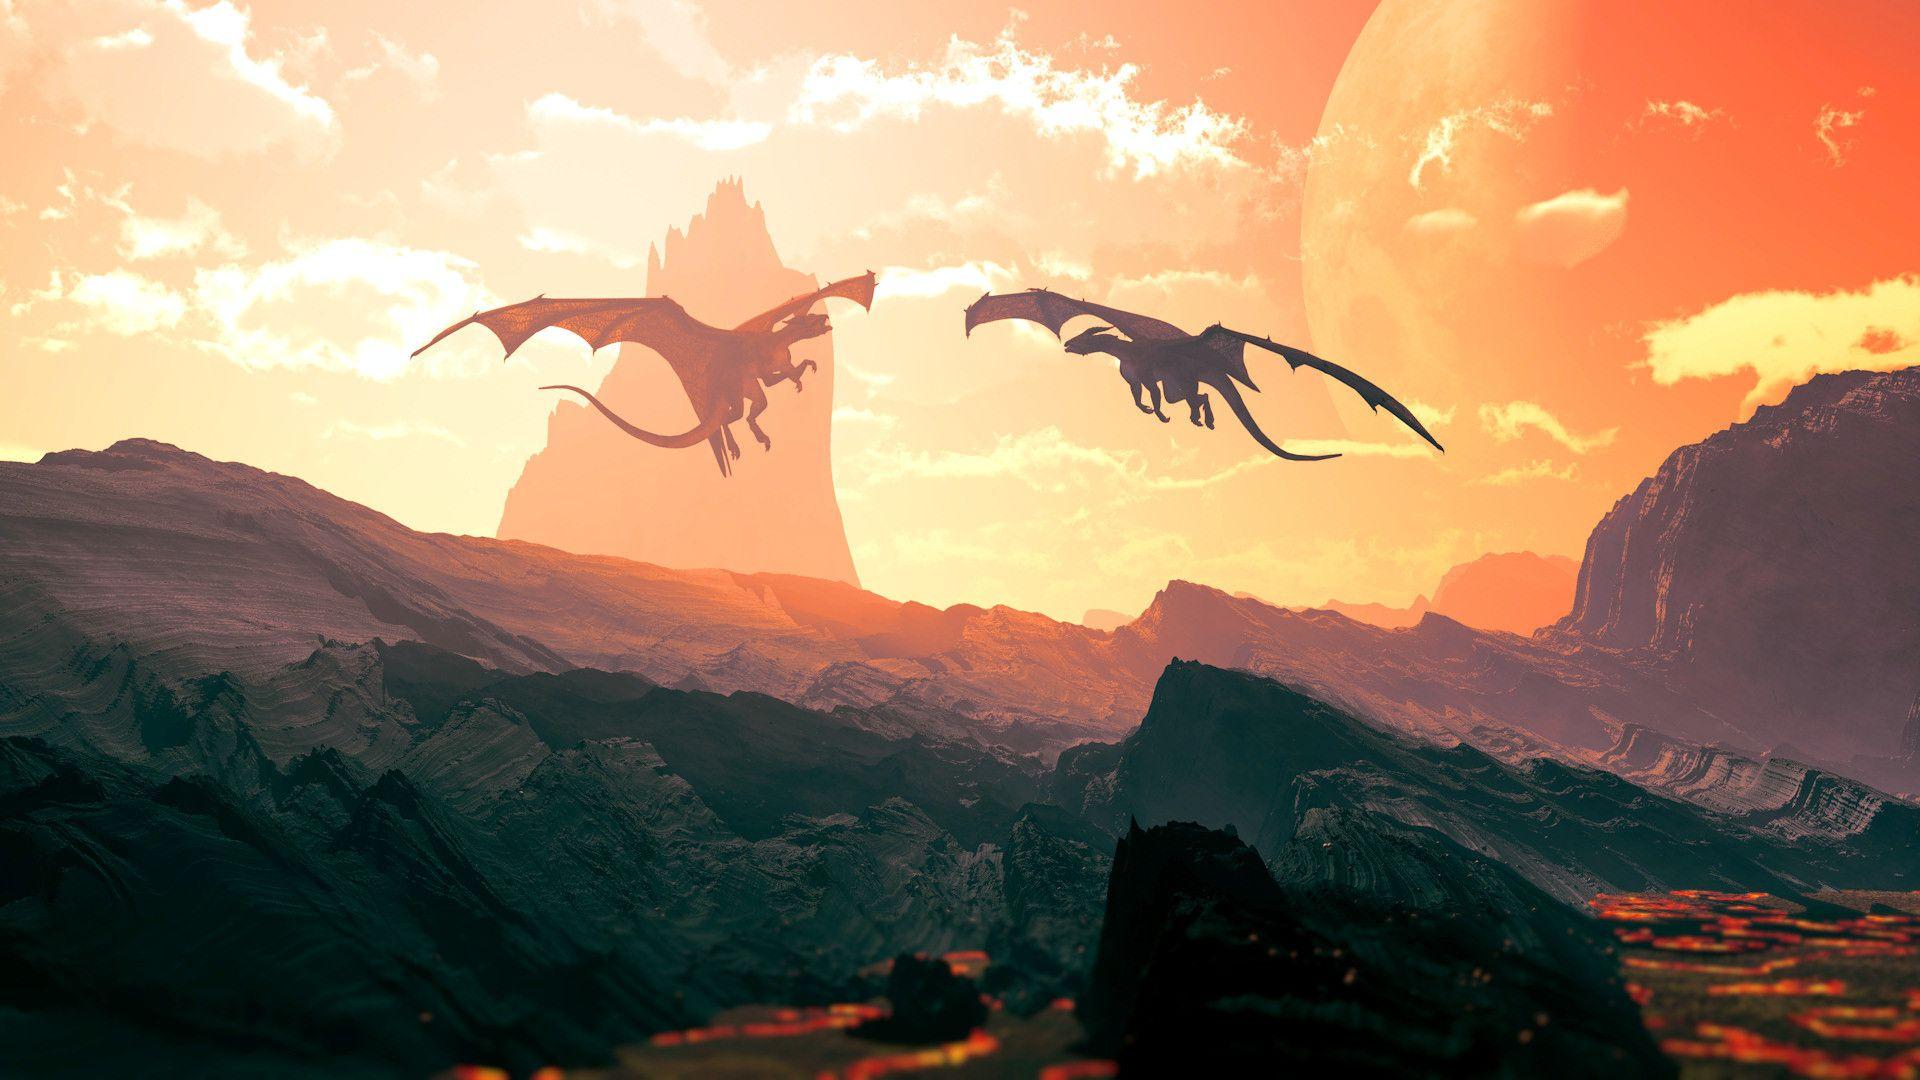 днем небо драконы картинки на рабочий стол кетчупа